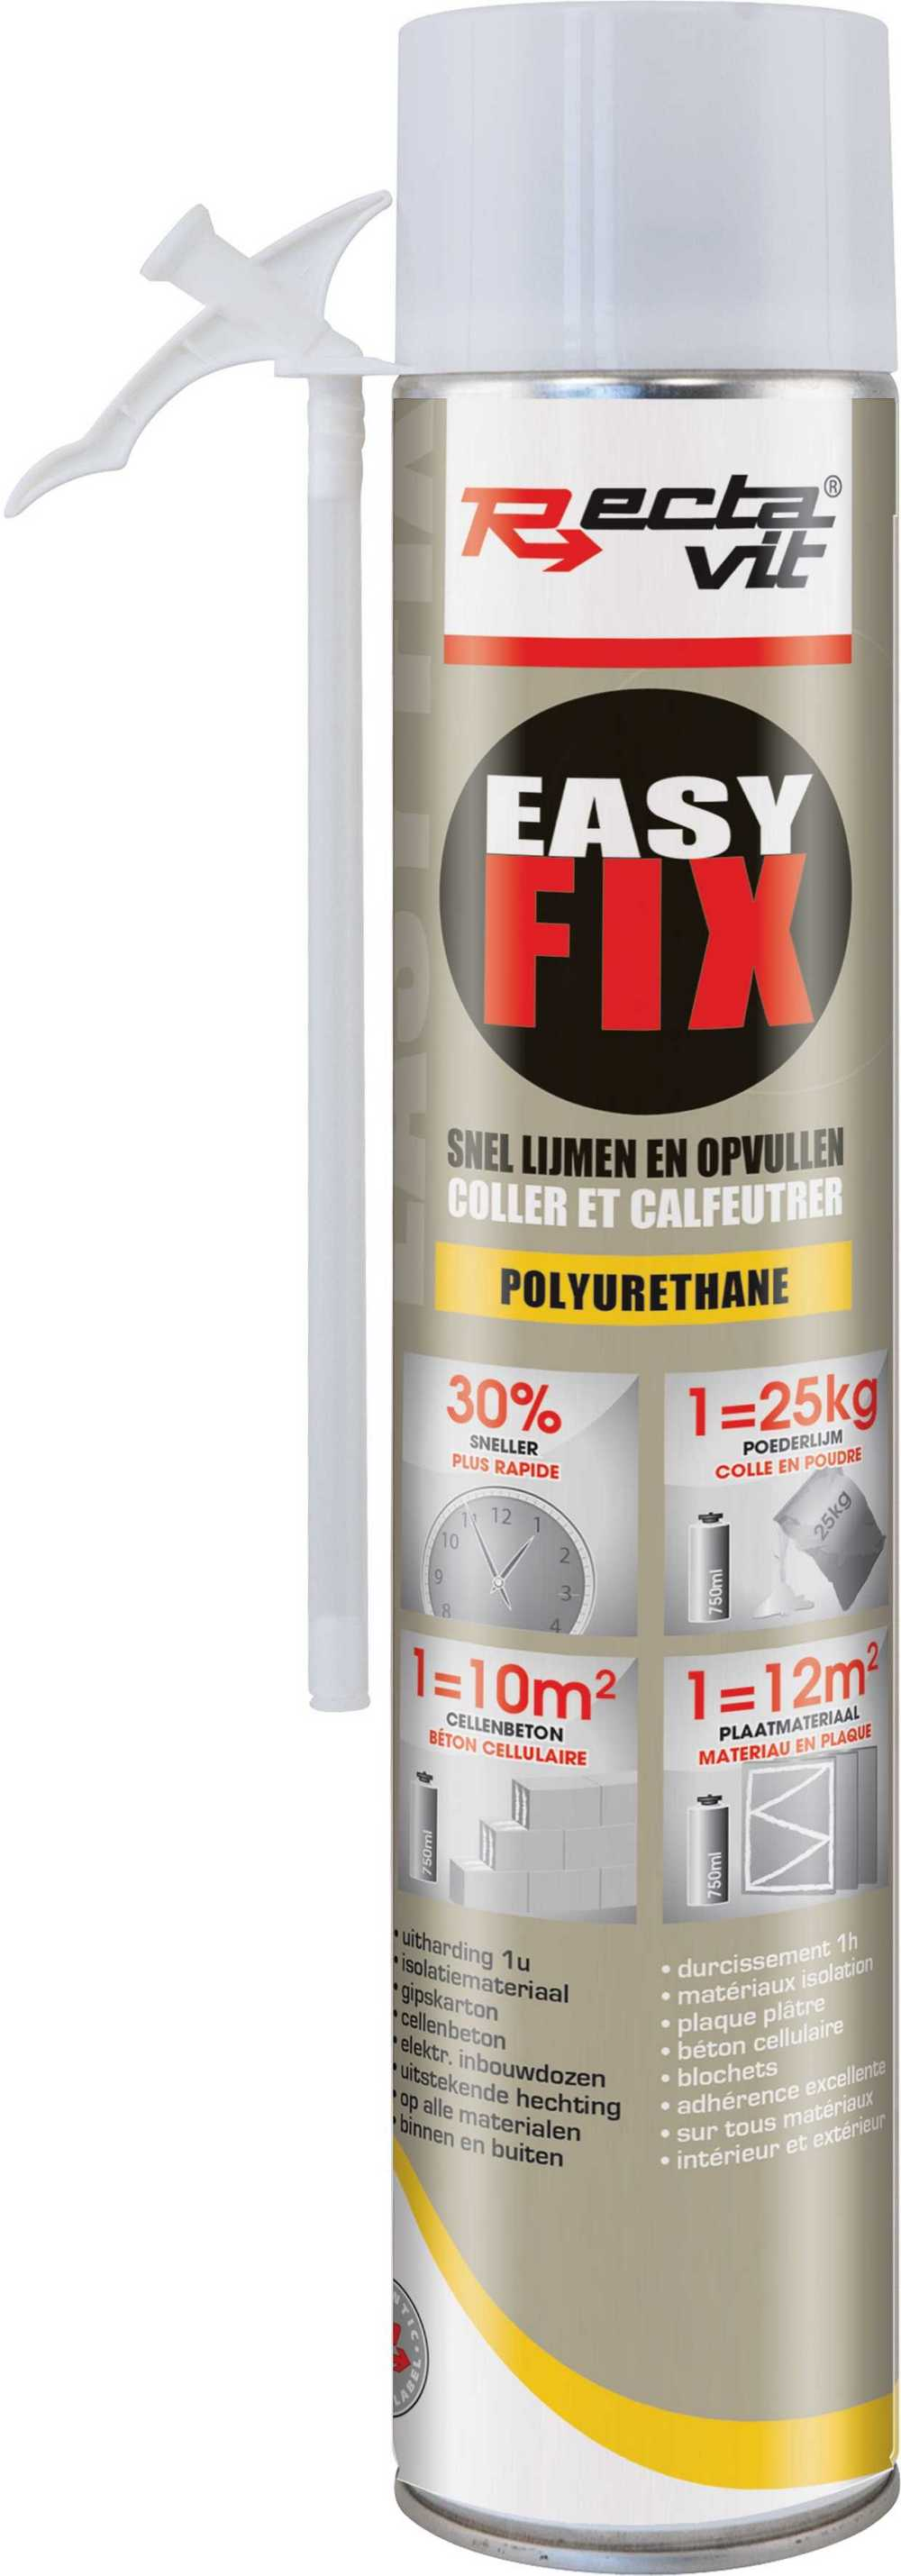 EASY FIX - 750 ml